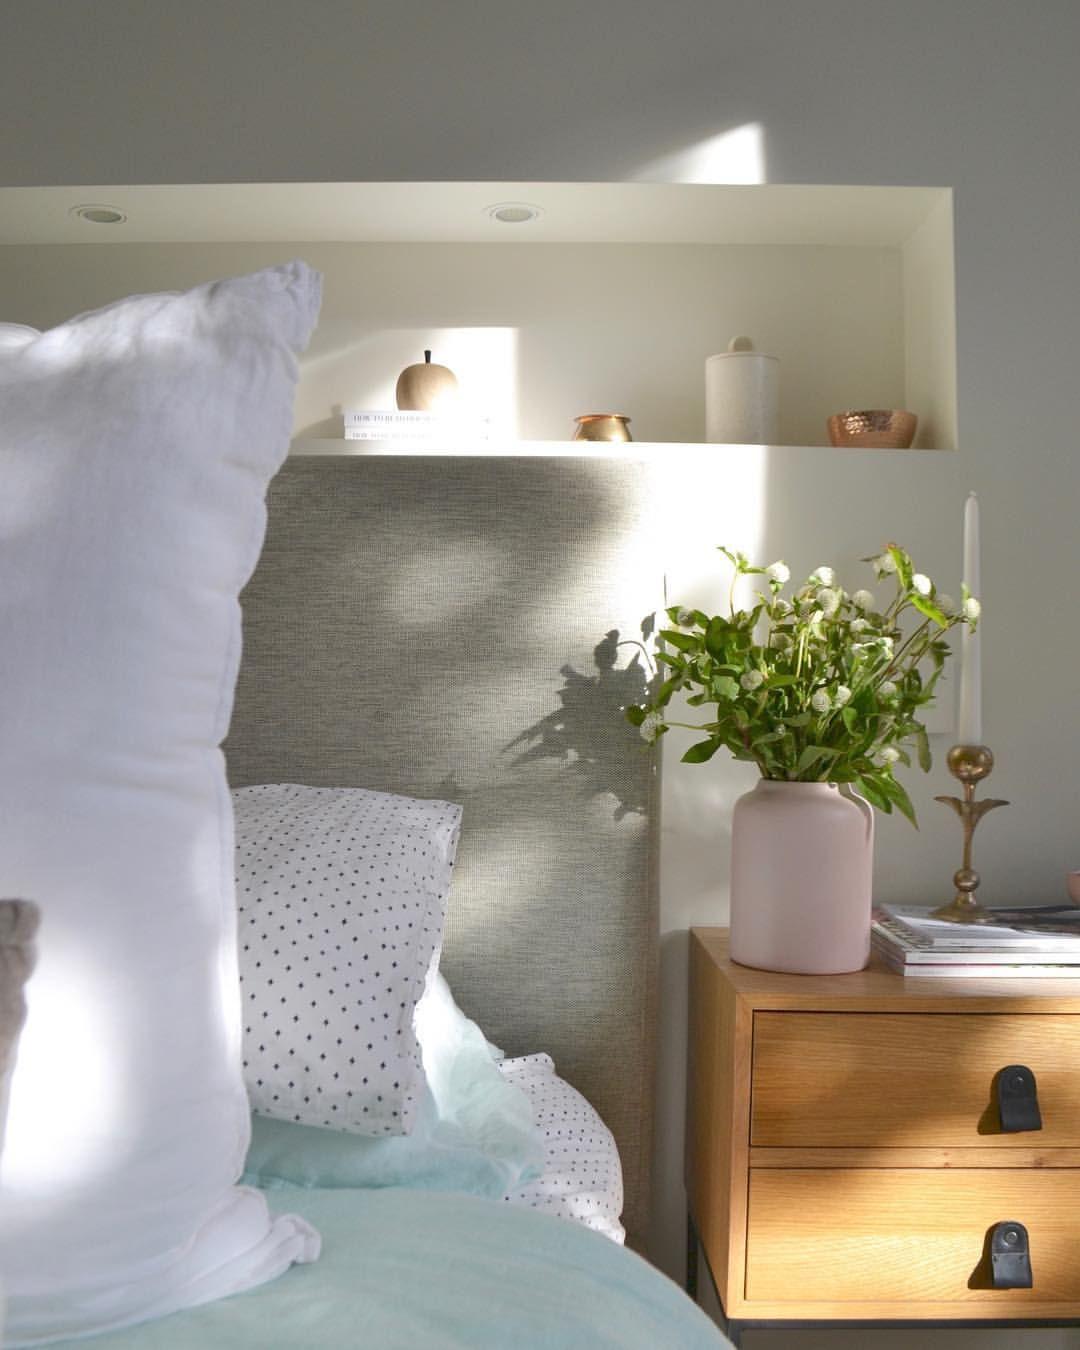 Master bedroom shelves above the bed  Master bedroom nicheshelf above bed bedside tables bedroom